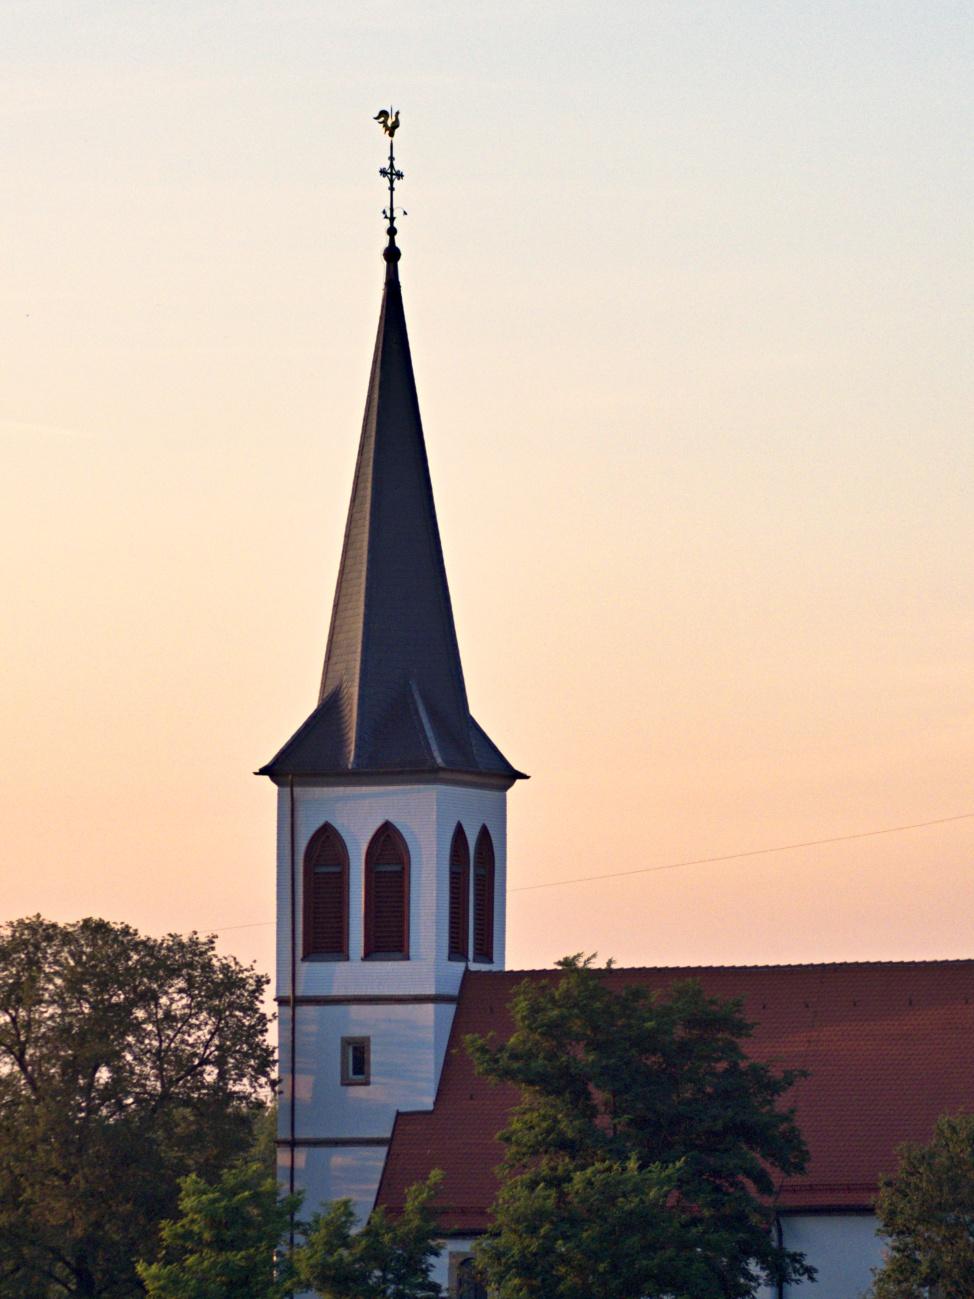 Zum Tagesabschluss — Abendkirchturm